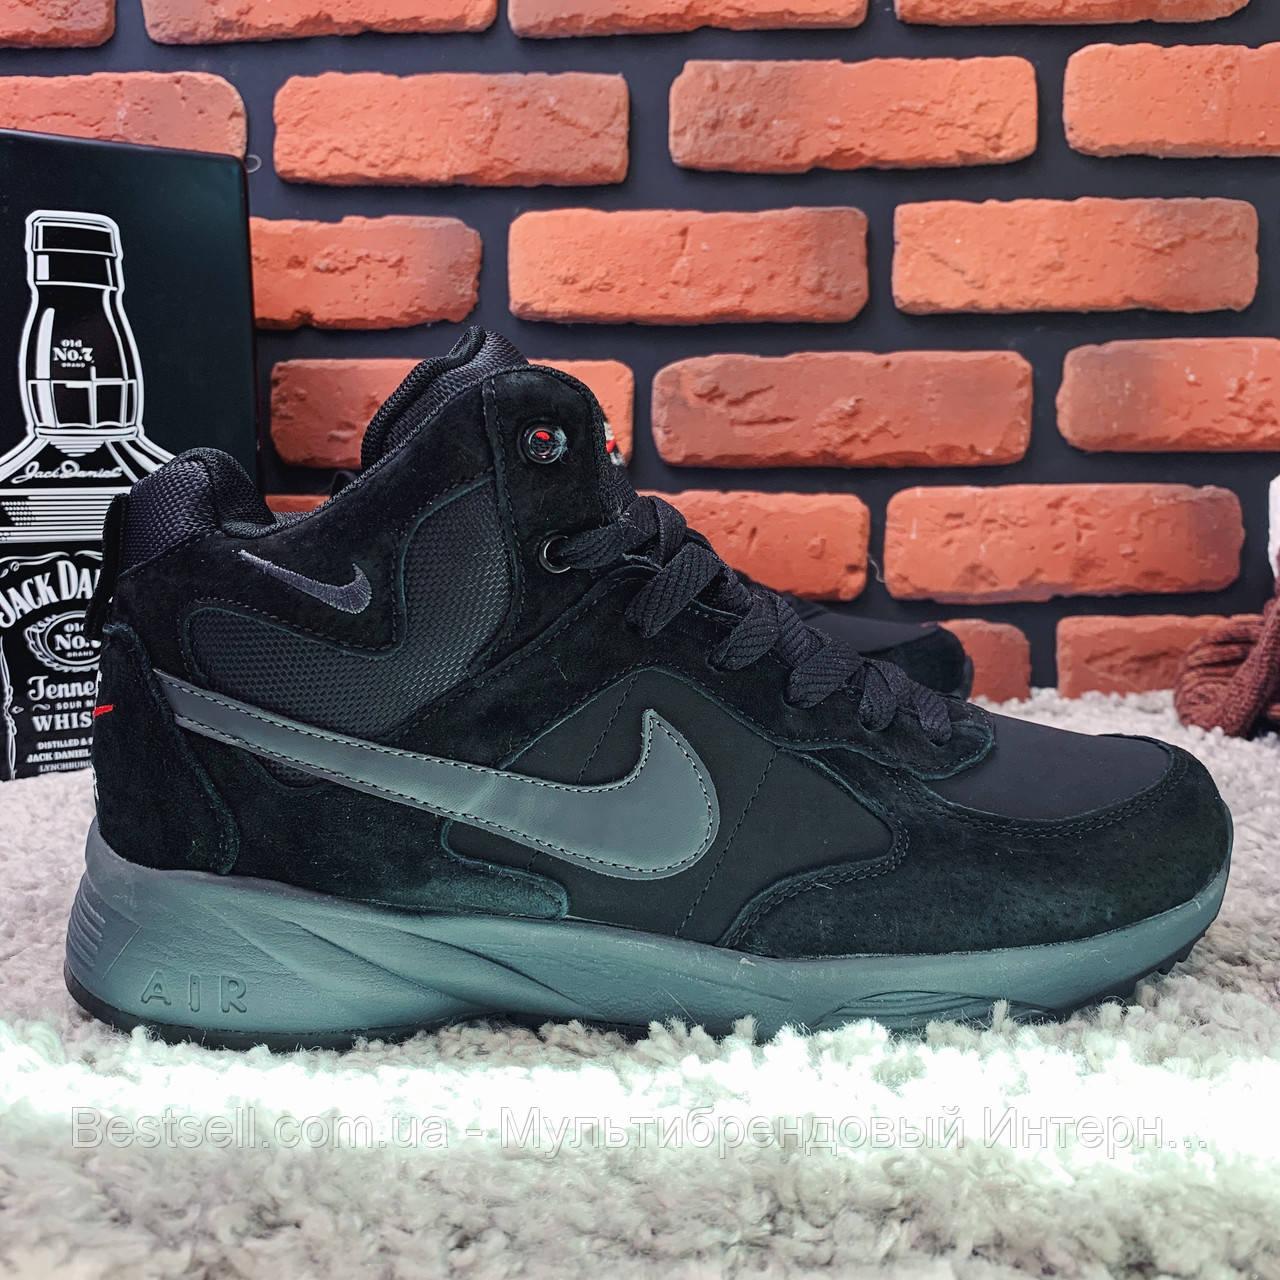 Зимові черевики (на хутрі) Nike Air 1-043 ⏩ [43,46 ]